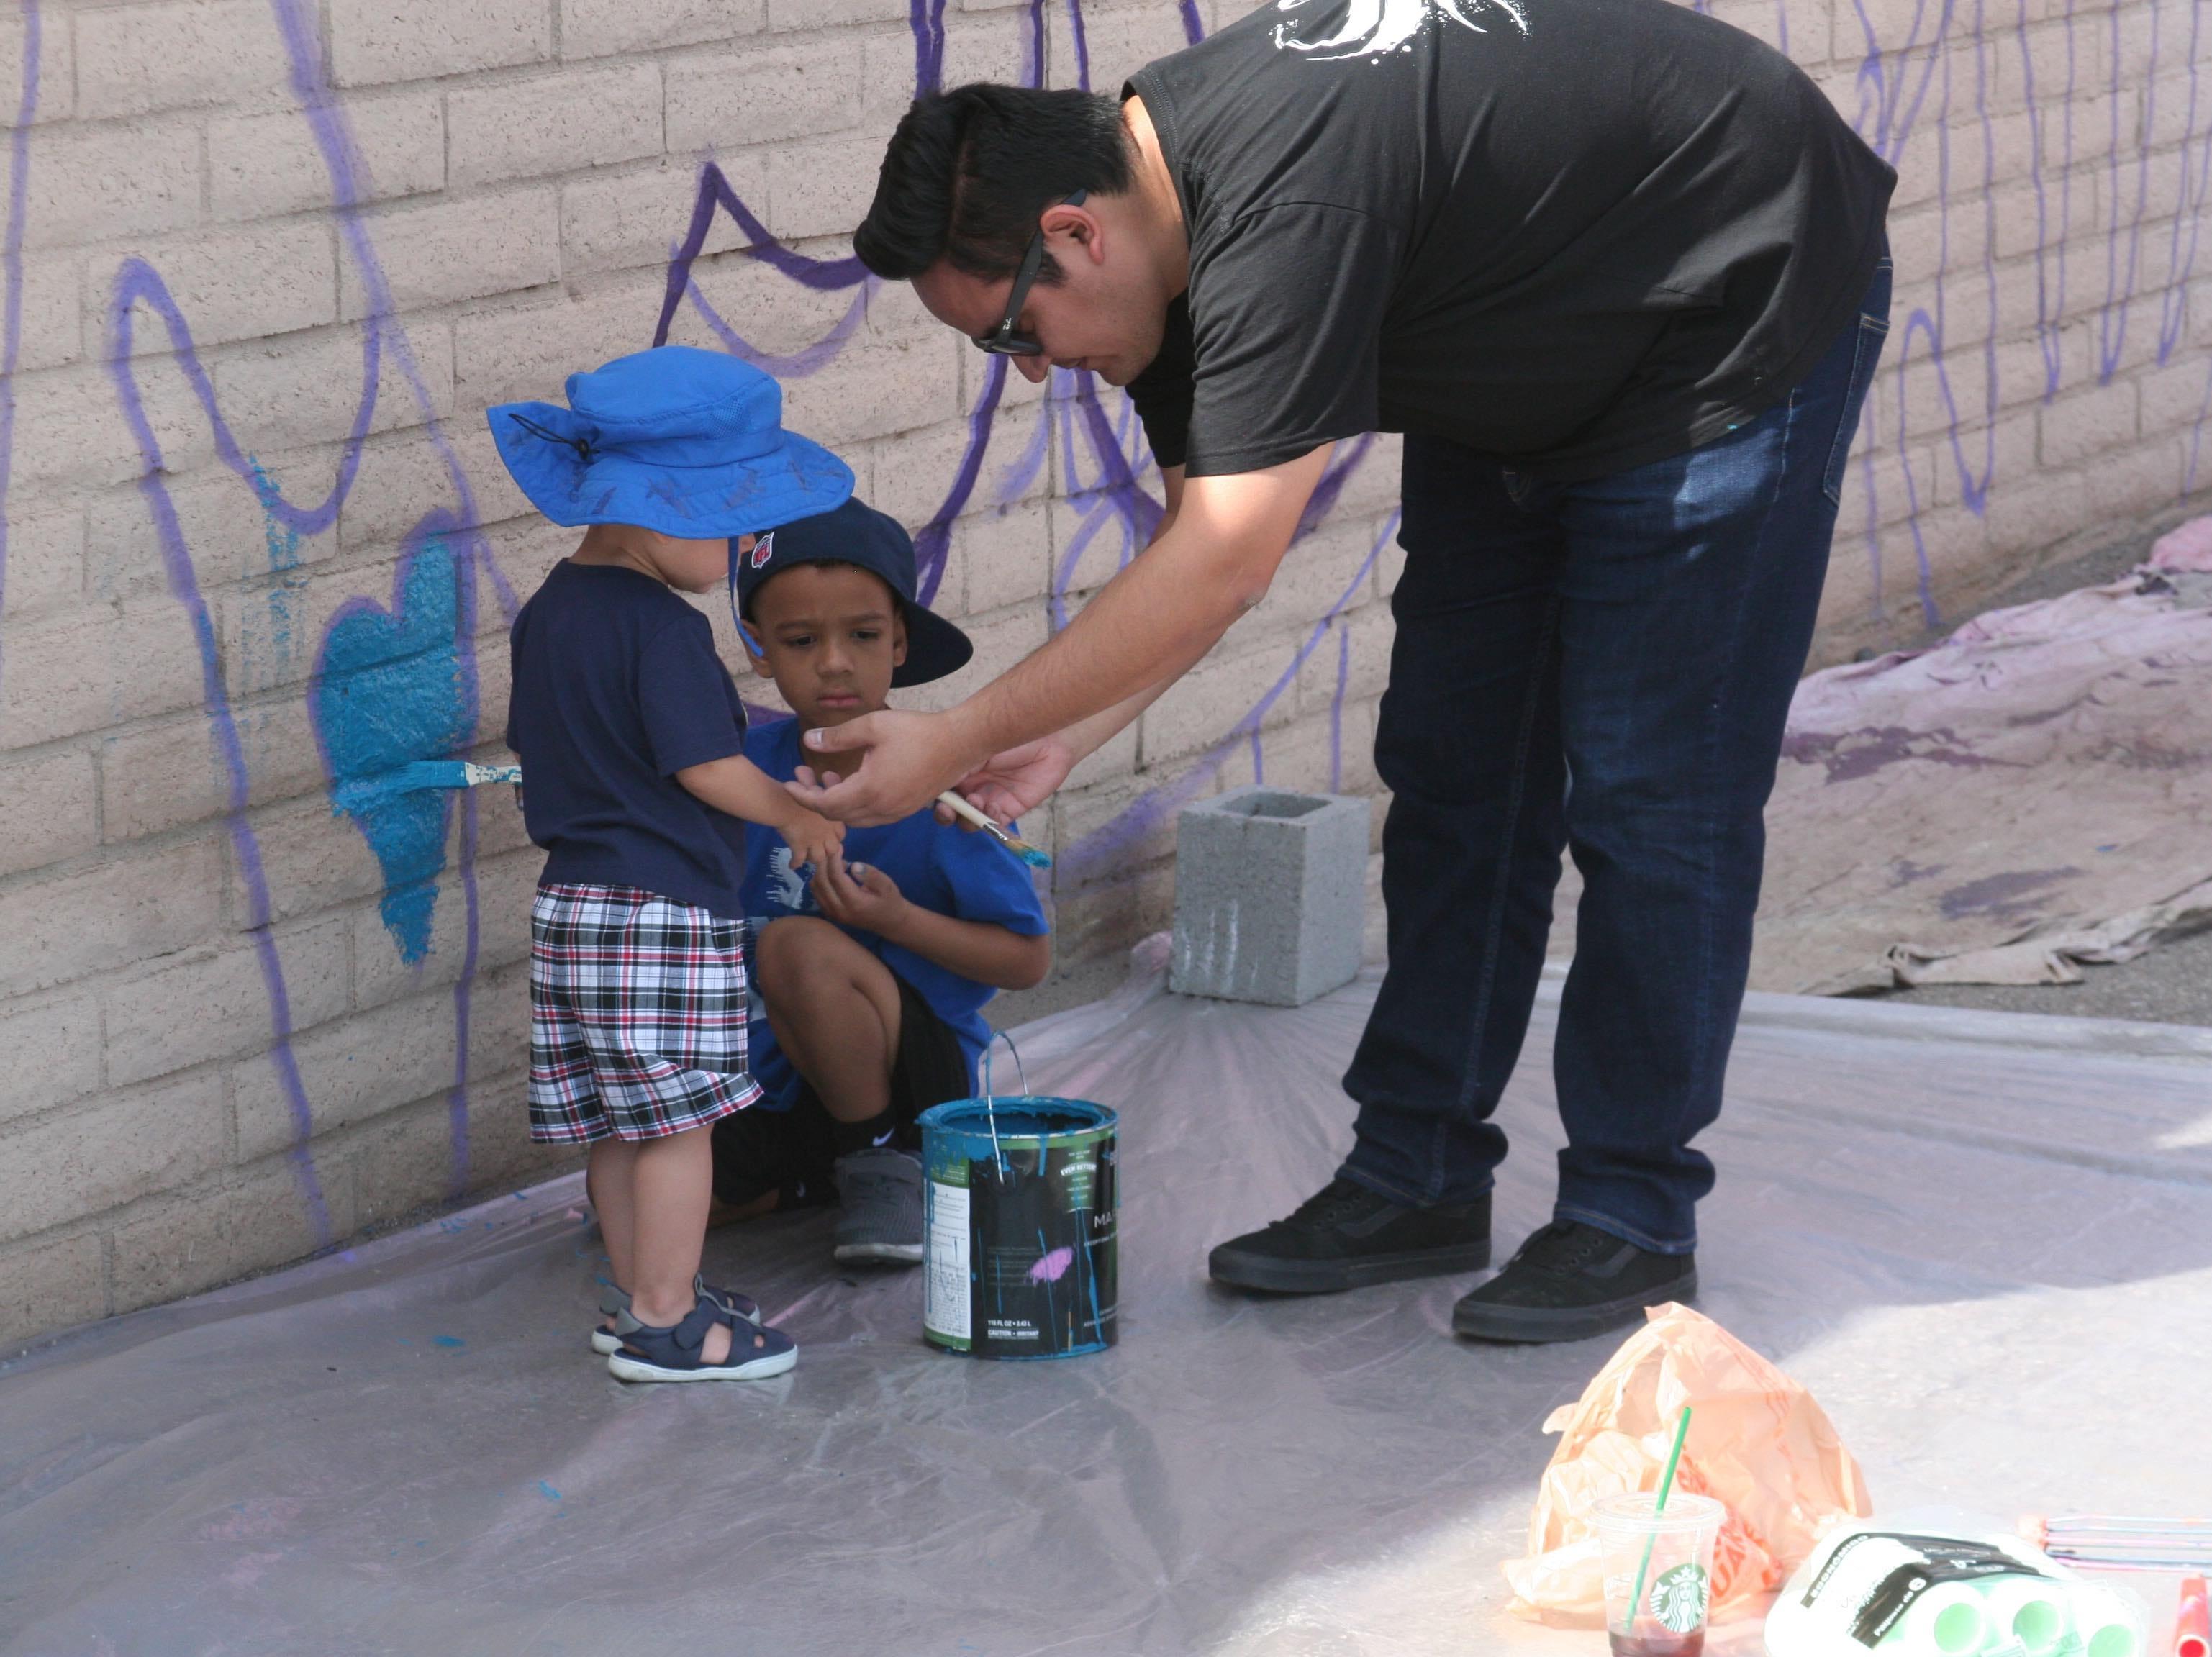 Padres de familia asistieron con sus hijos para que observaran la obra que funde el arte con el legado del servicio por los demás.